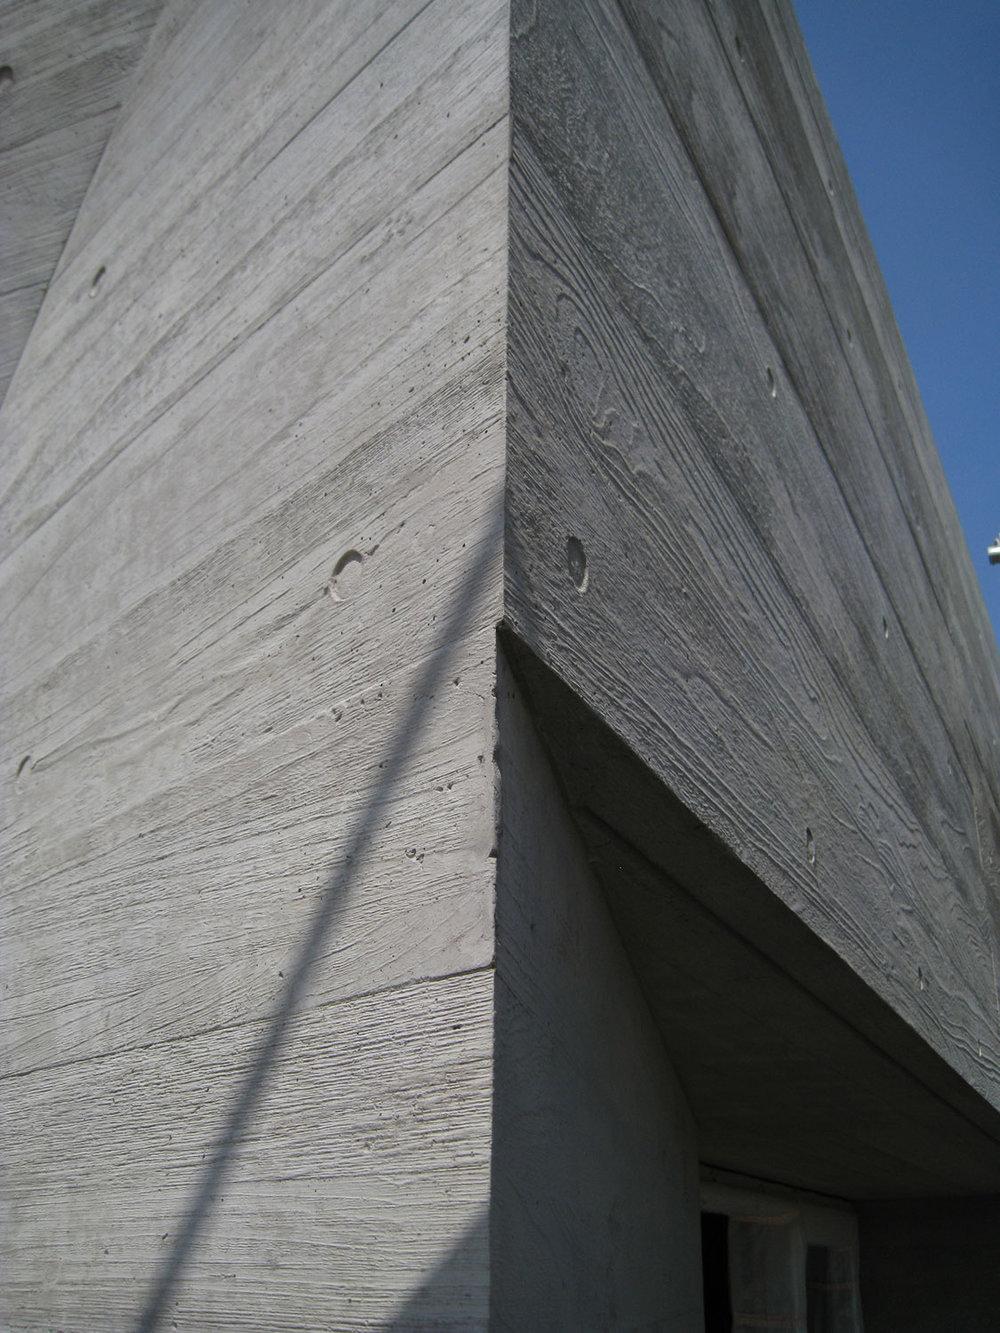 01-wohnhaus-ck-fassade-behet-bondzio-lin-architekten.jpg